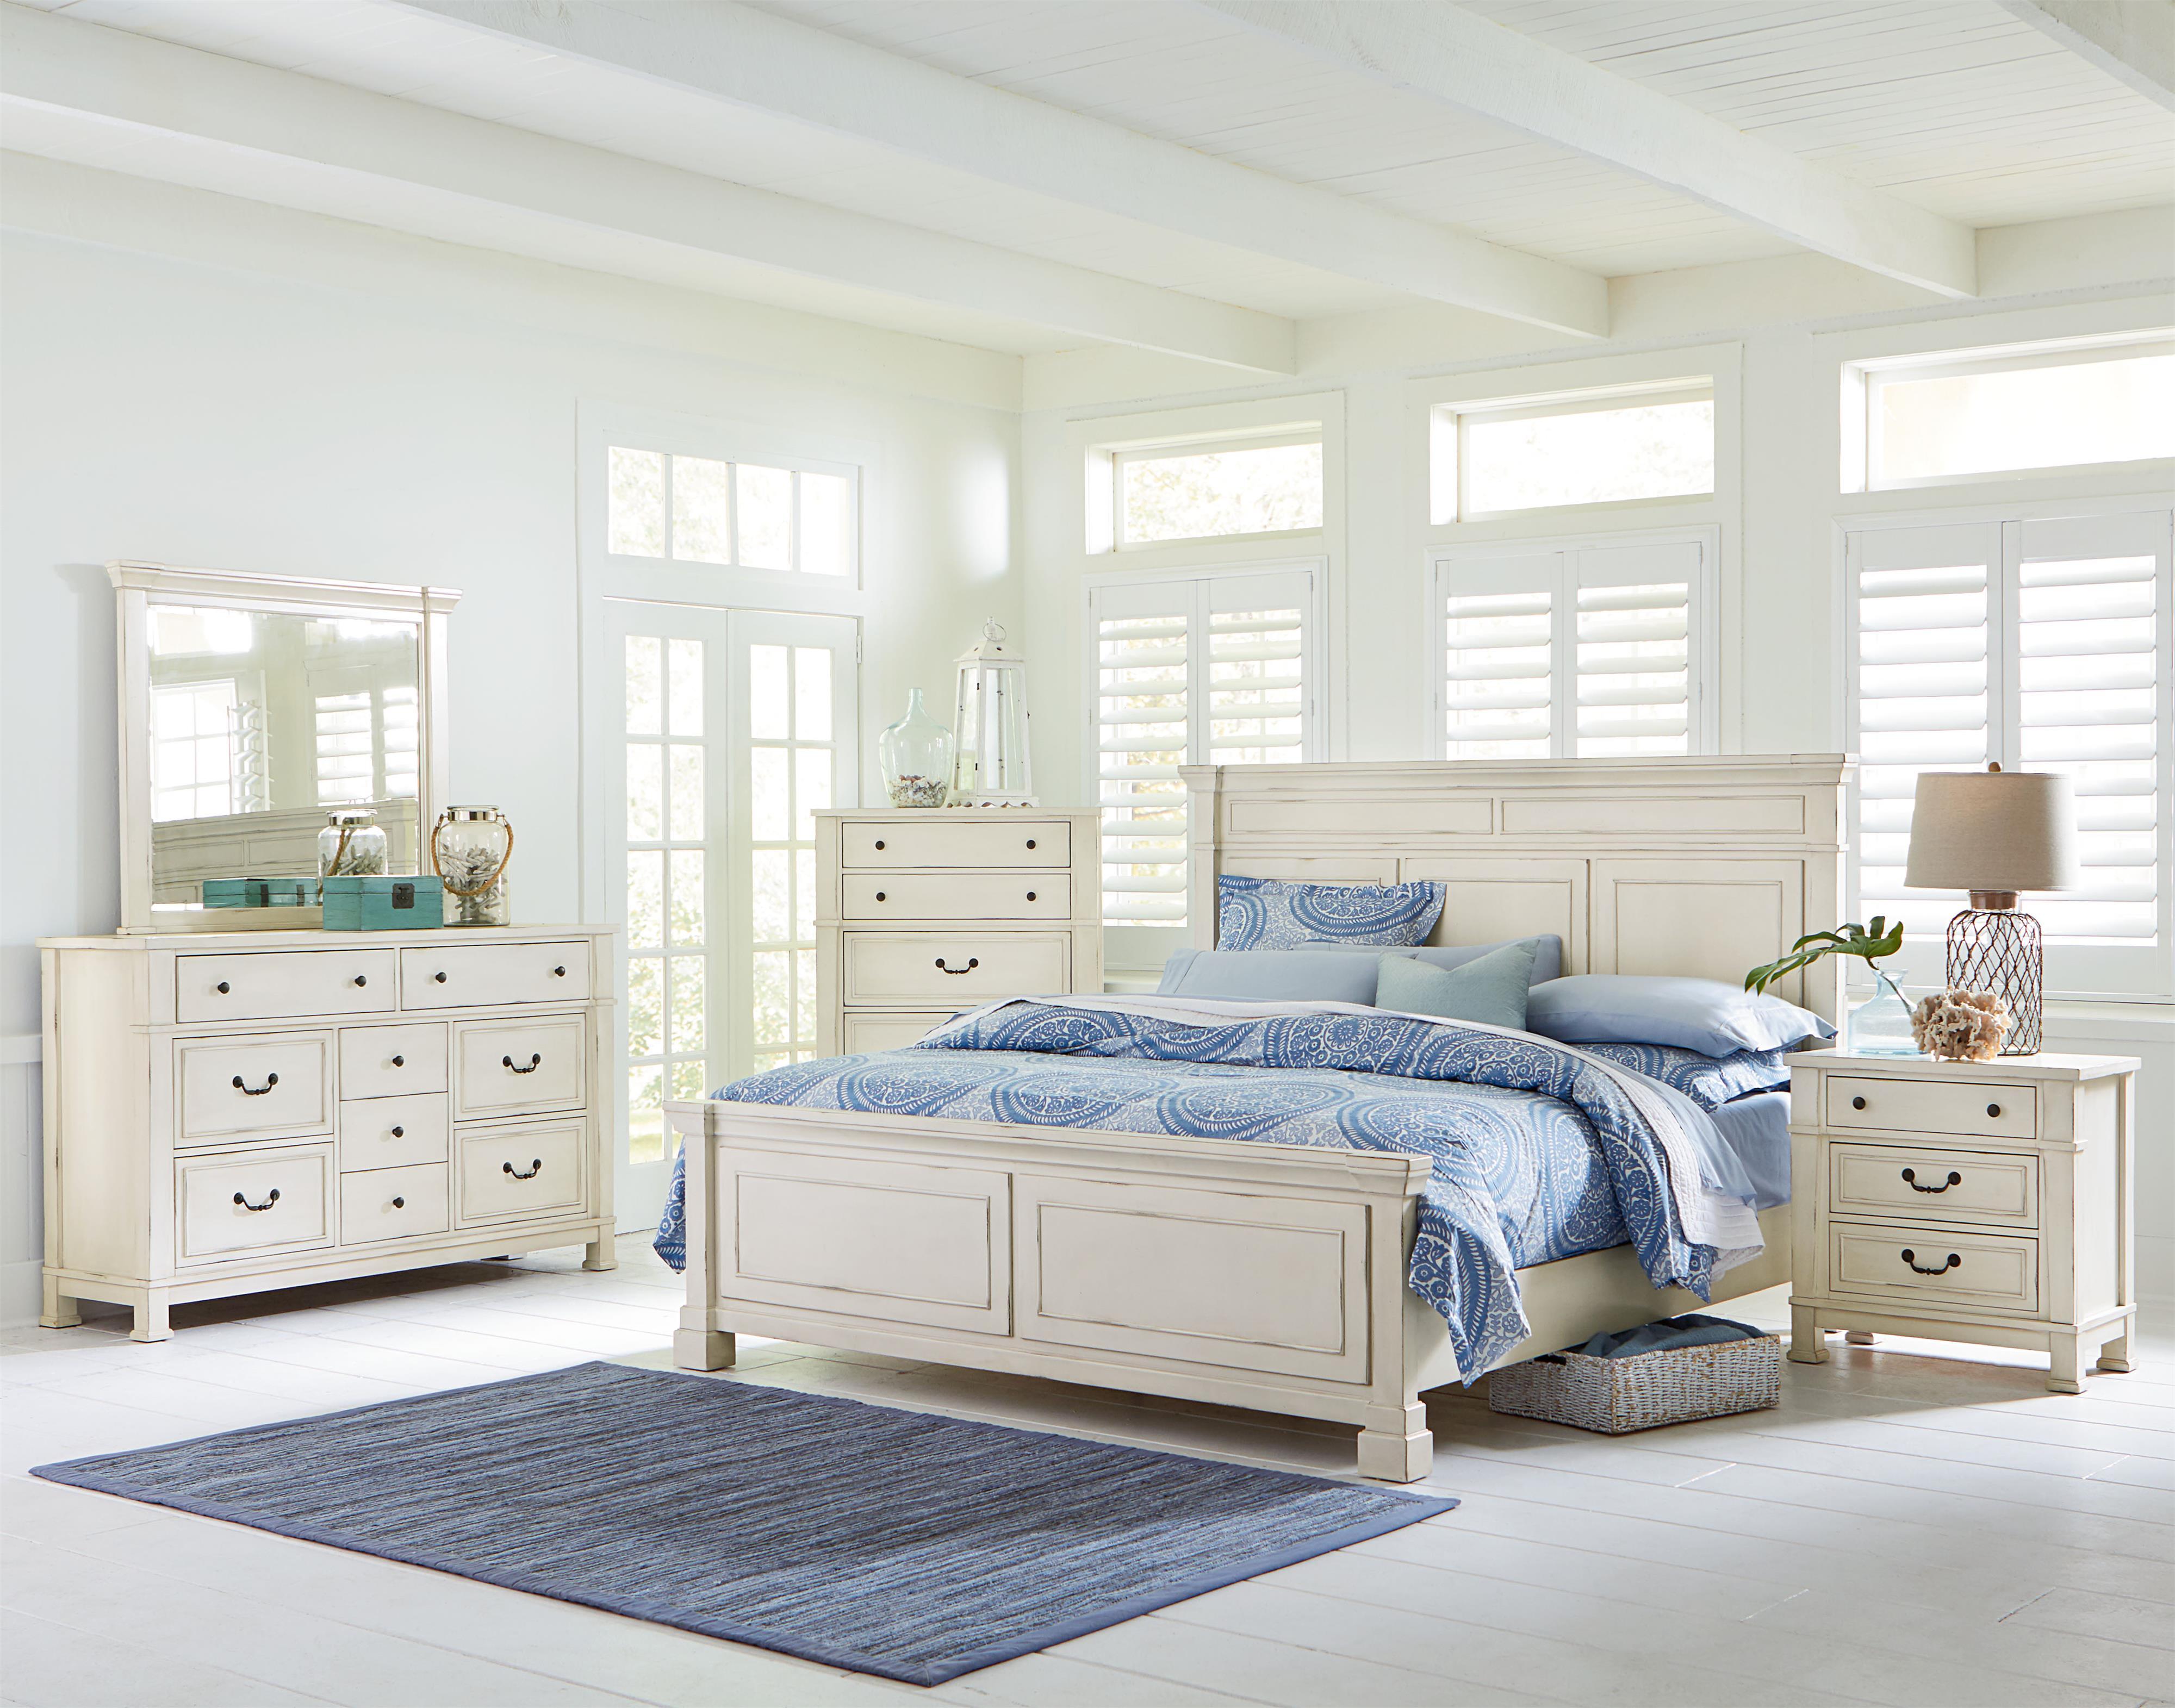 Standard Furniture Chesapeake Bay Vintage White Dresser And Mirror Set    Wayside Furniture   Dresser U0026 Mirror Sets